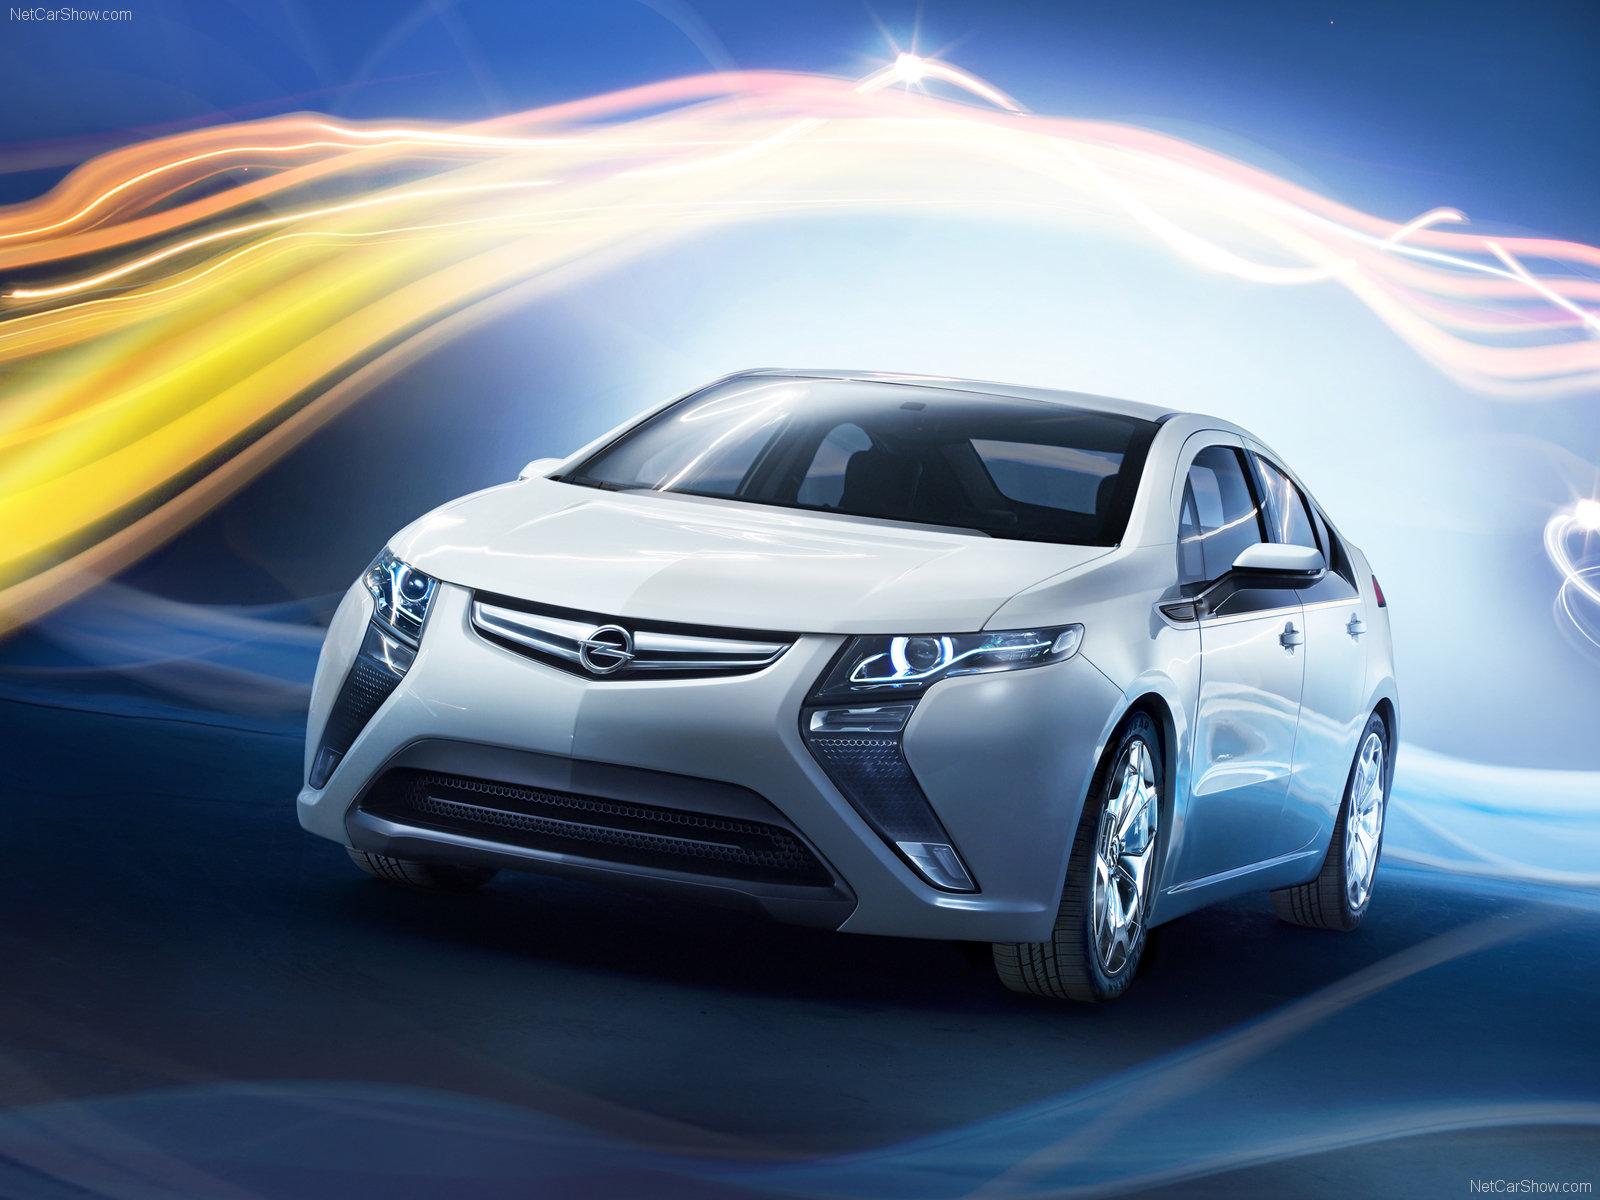 http://2.bp.blogspot.com/-kp_TXBR3N3Q/TseHLIgoqeI/AAAAAAAAAqw/mZYBu4g76rE/s1600/Opel-Ampera-2012.jpg